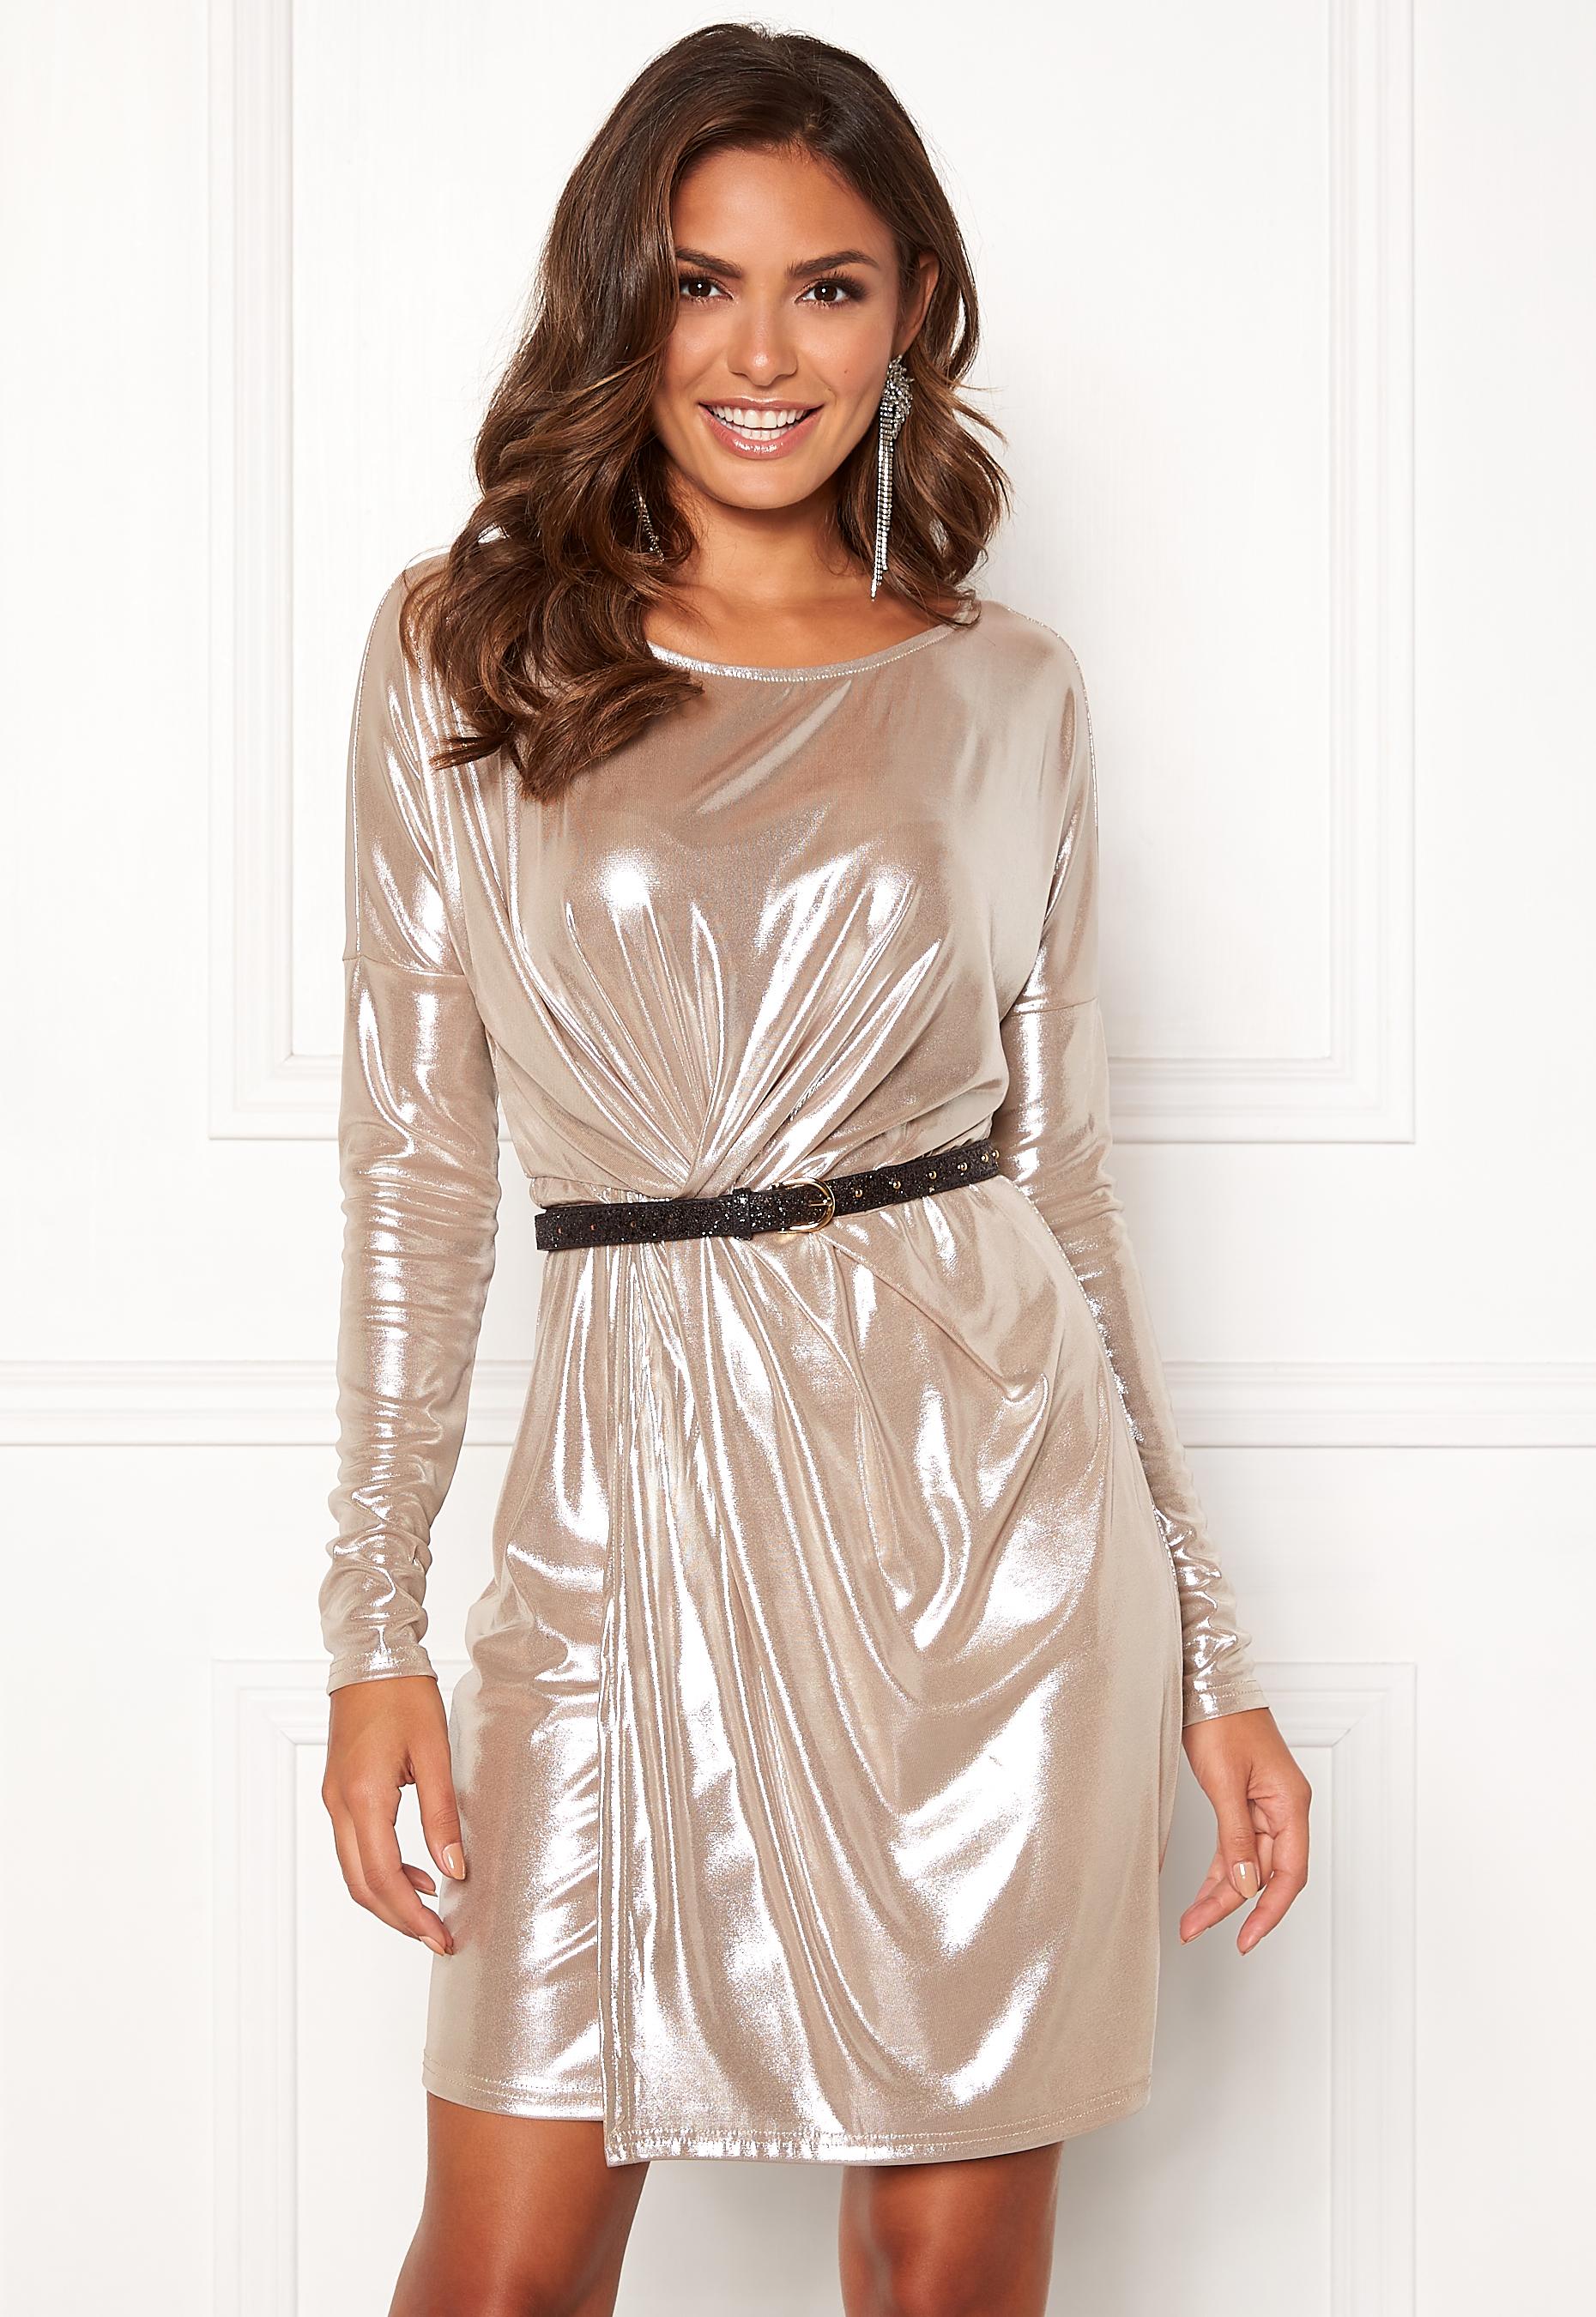 Bubbleroom Sl Dress Disco Vila Morganite FcTKlJ31